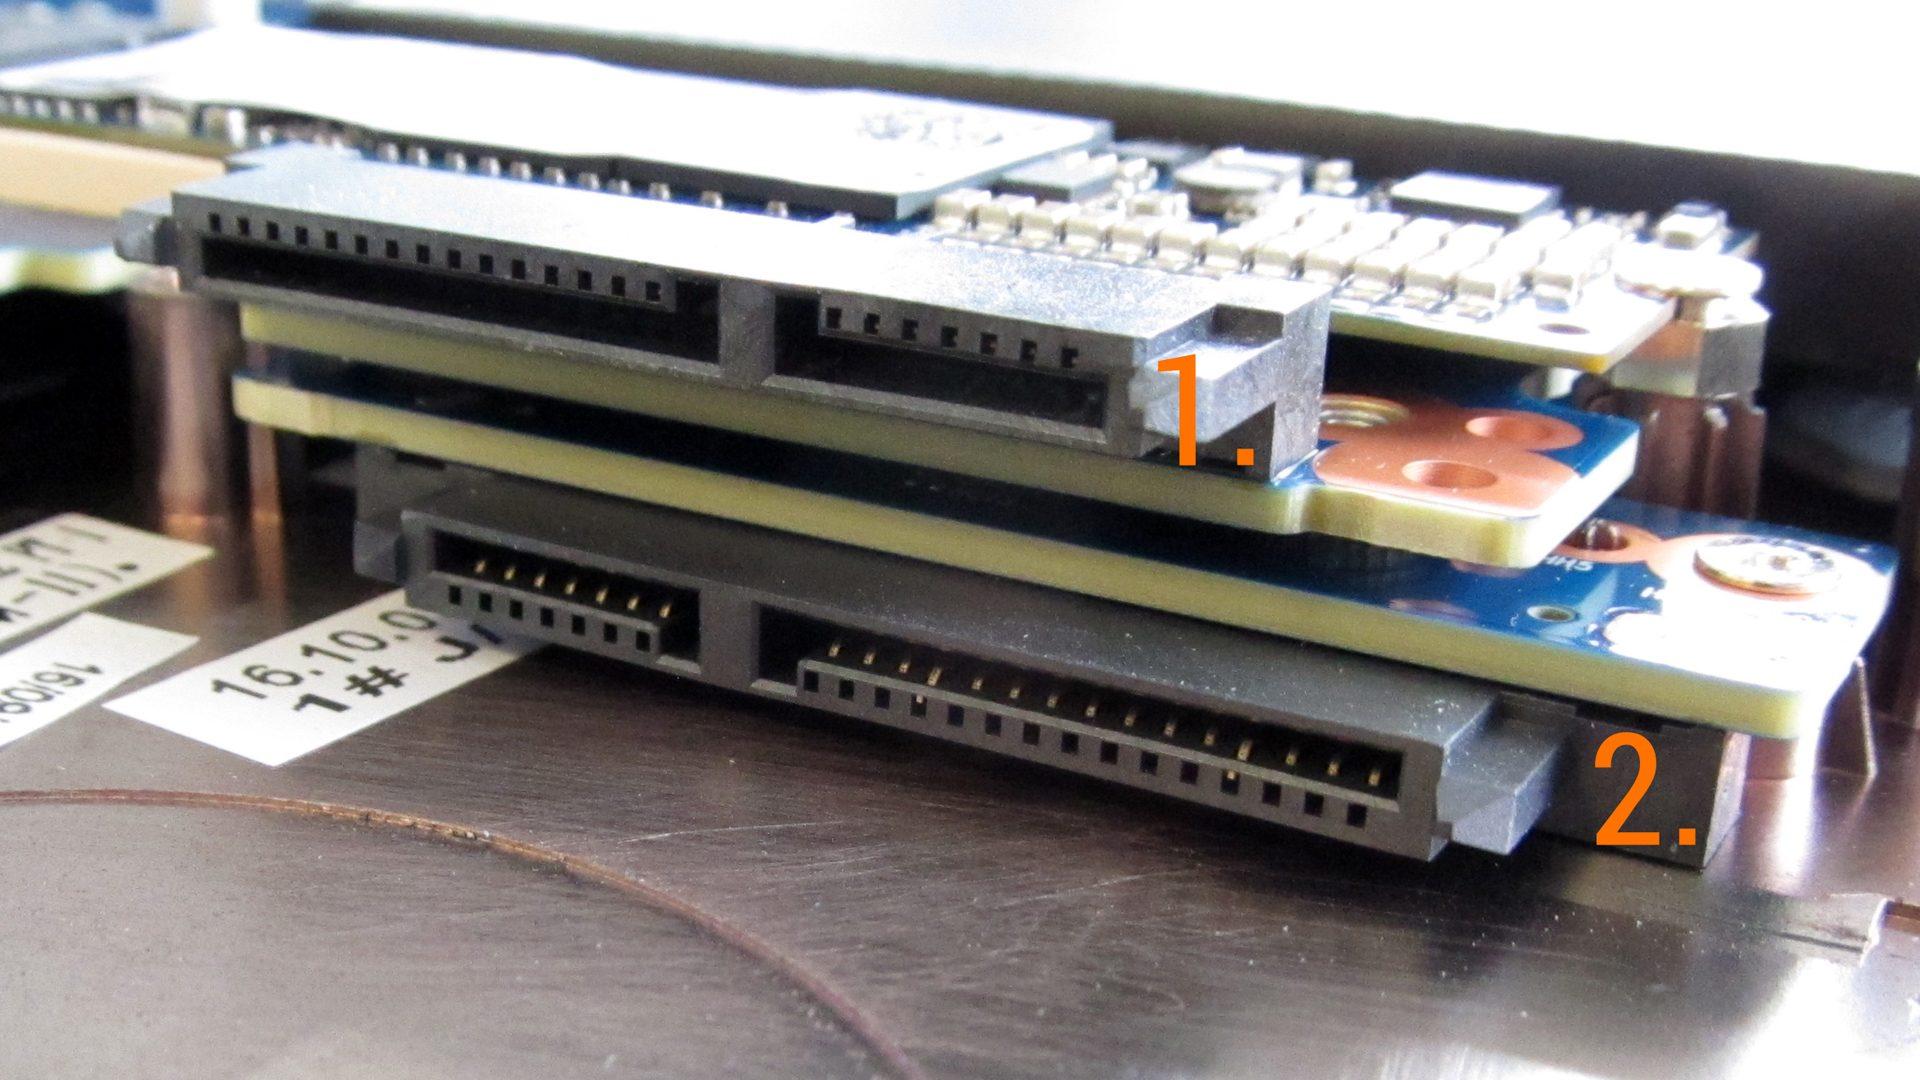 Zwei SATA-Schnittstellen für HDD und / oder SSD